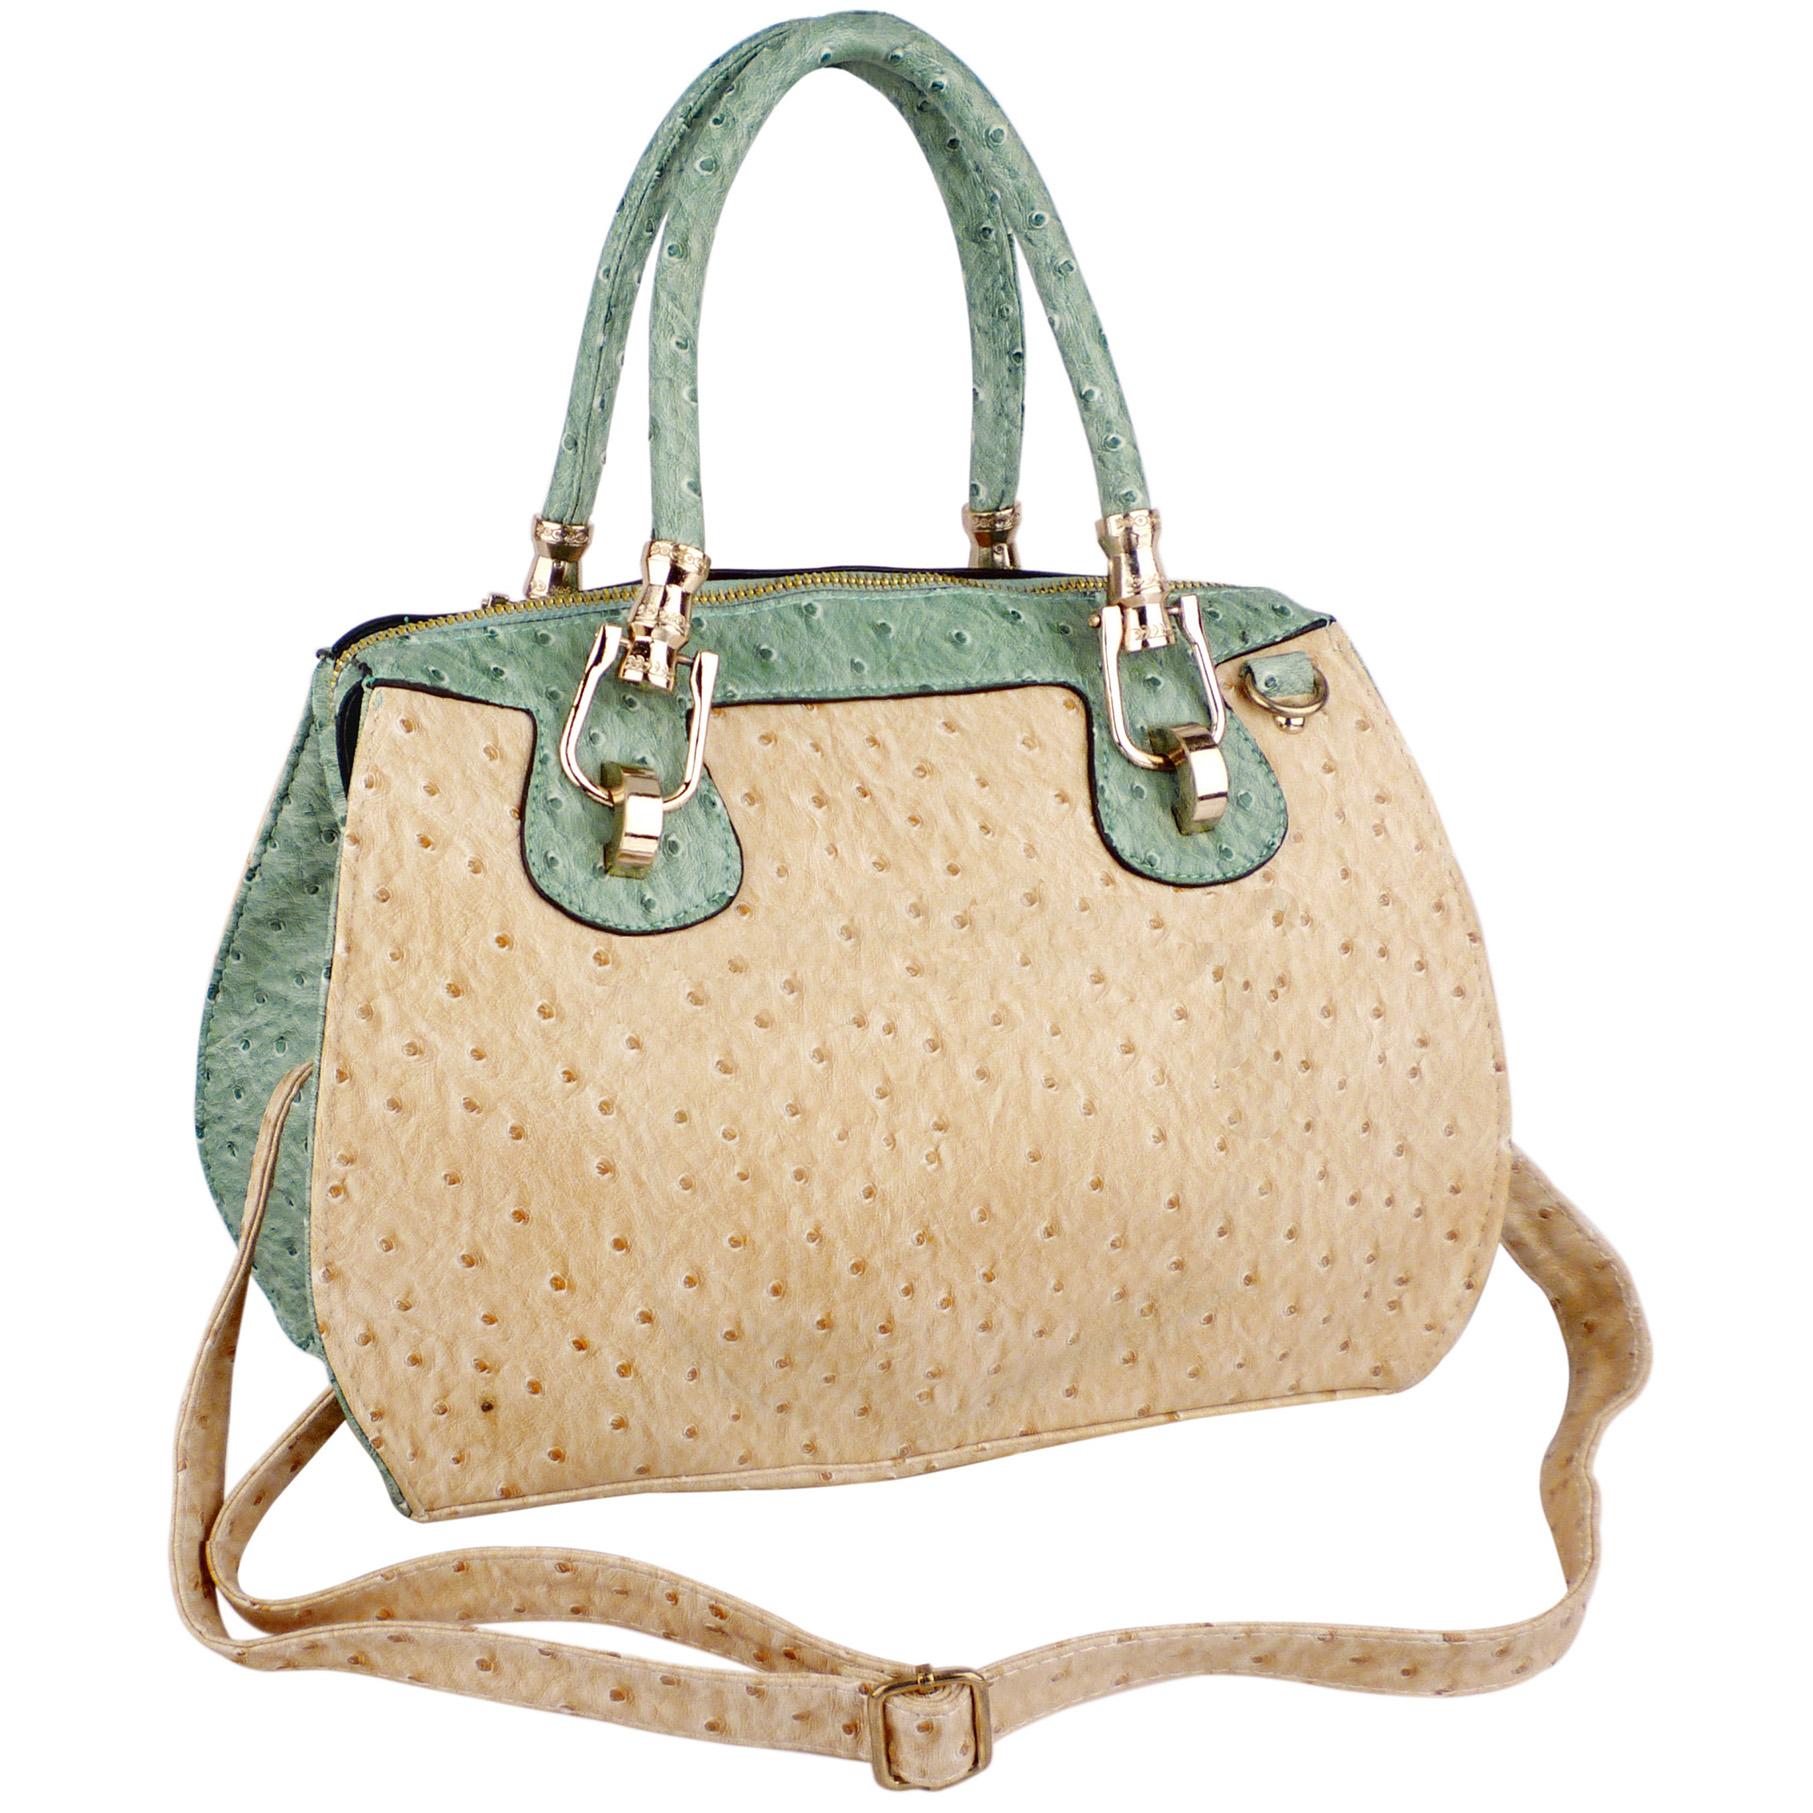 MARISSA Green Doctor Style Handbag Main